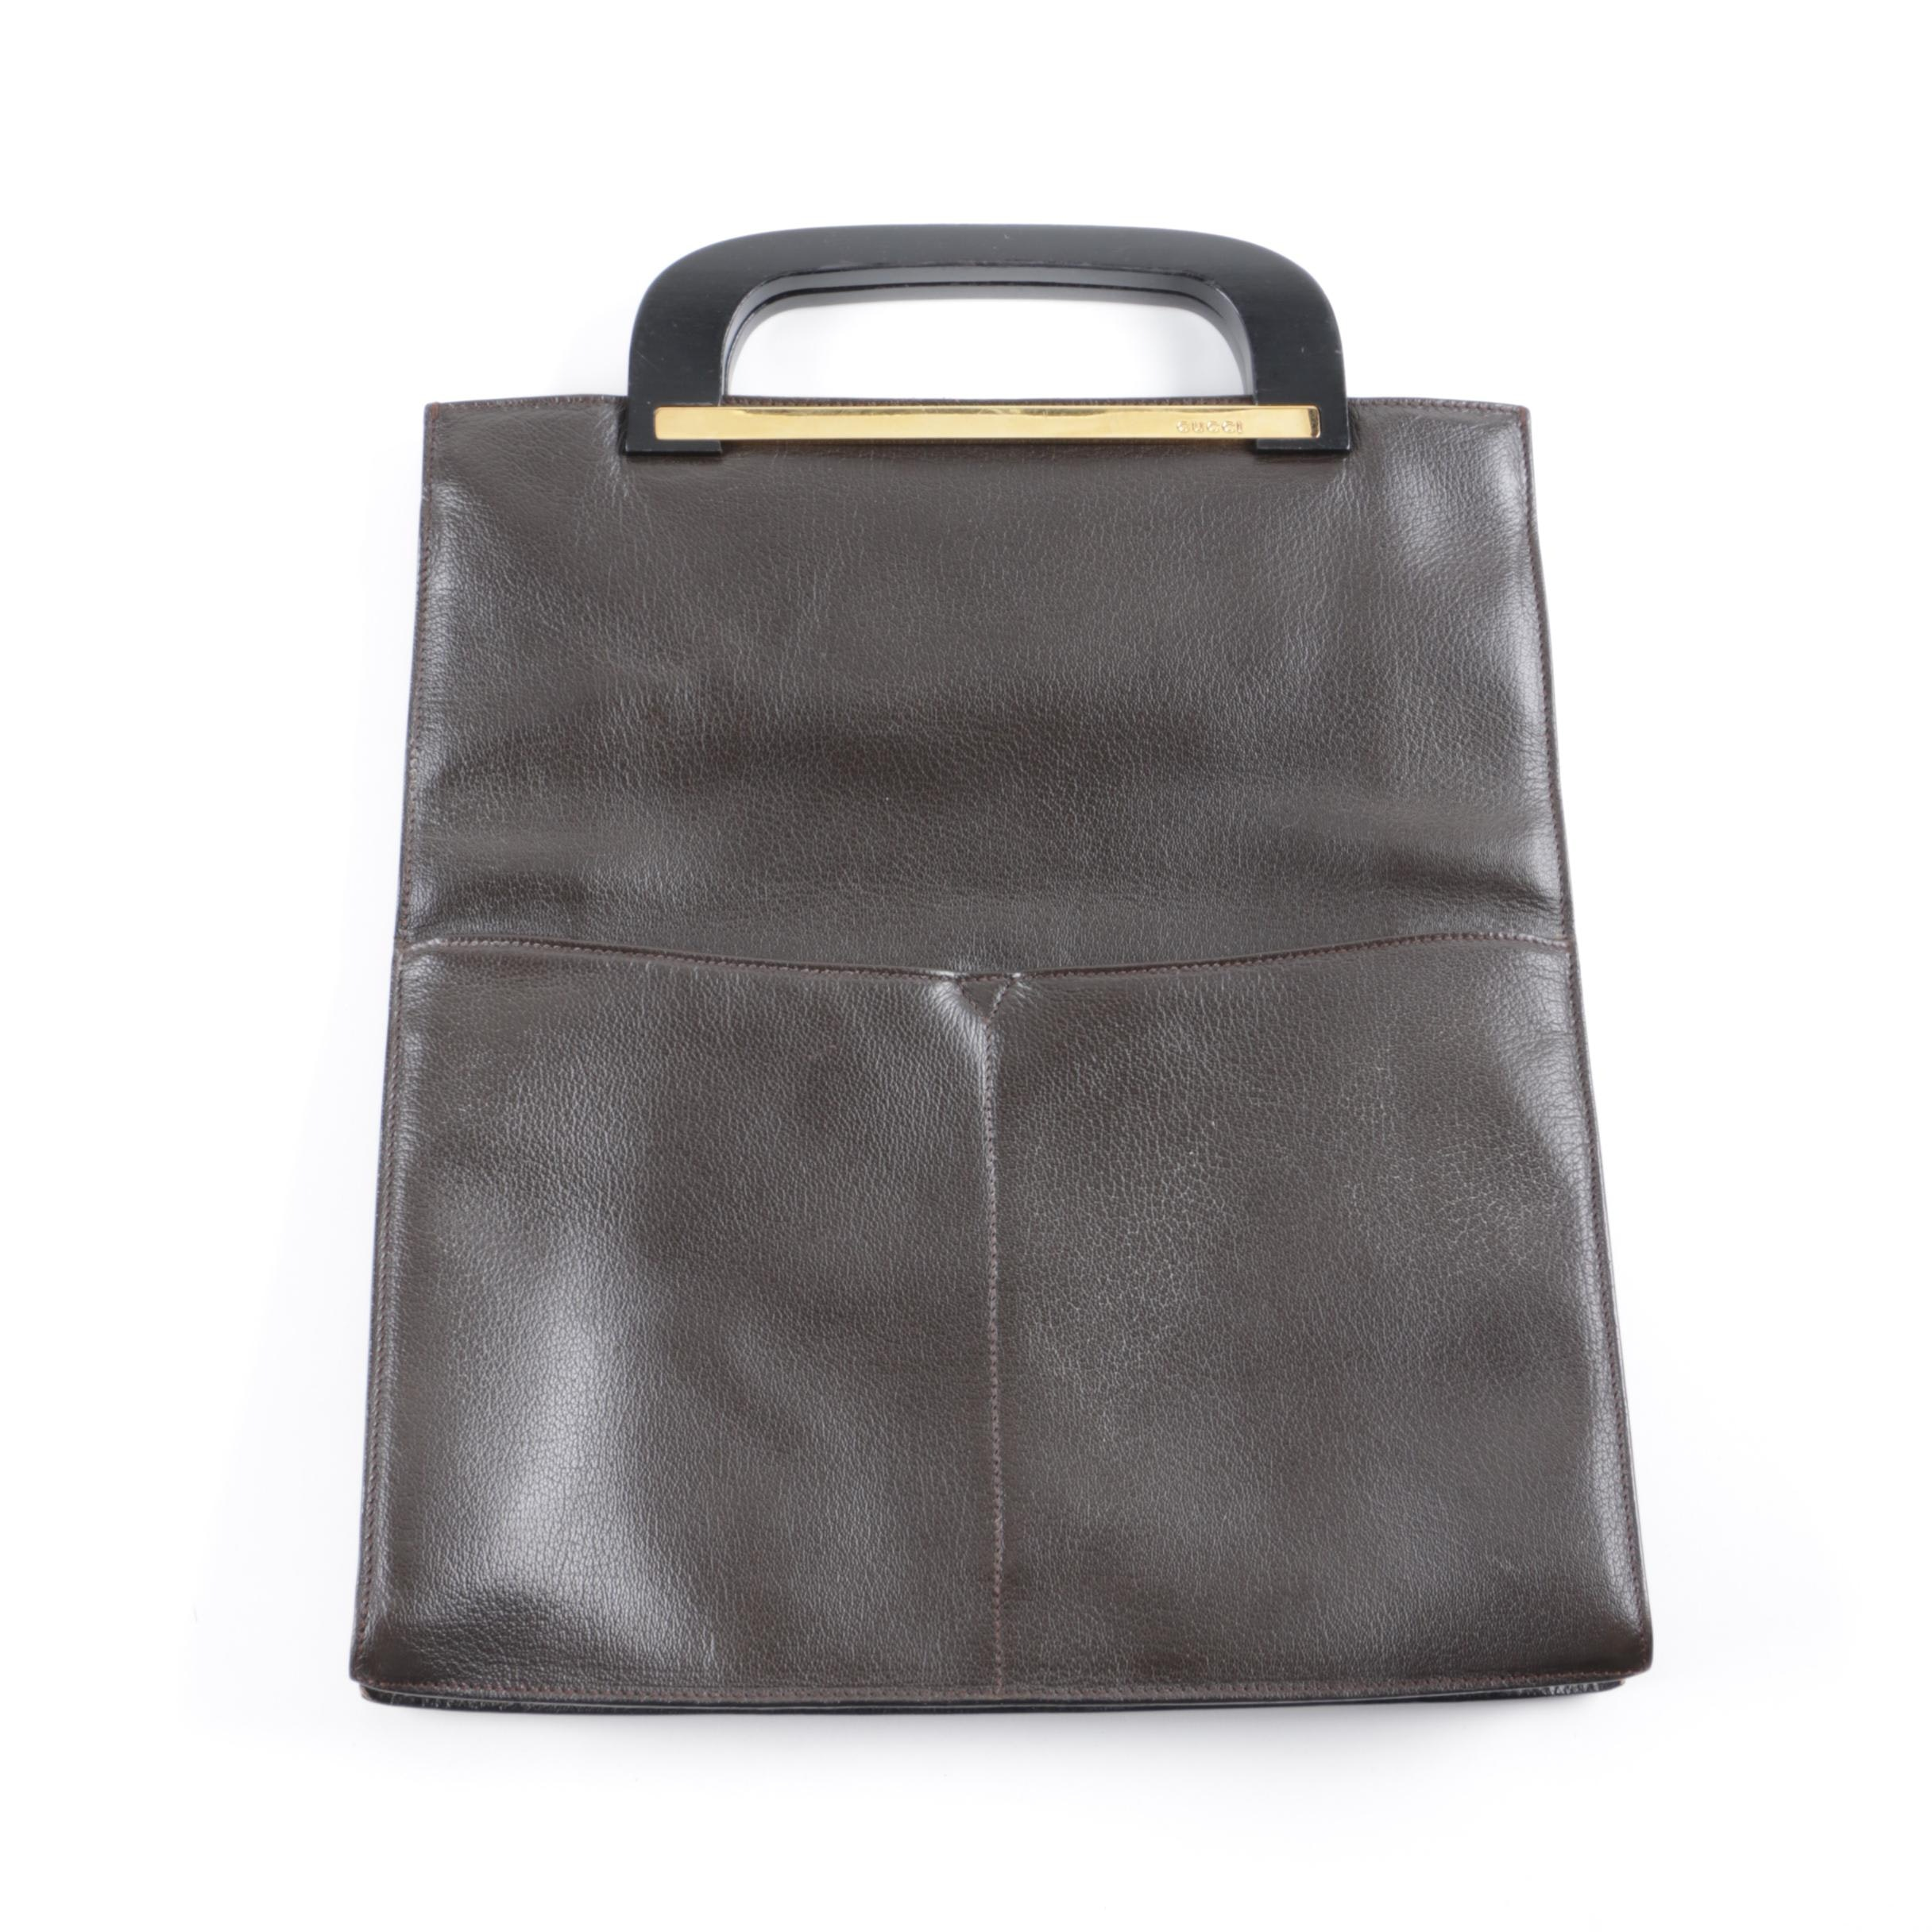 Vintage Gucci Dark Brown Leather Top Handle Handbag